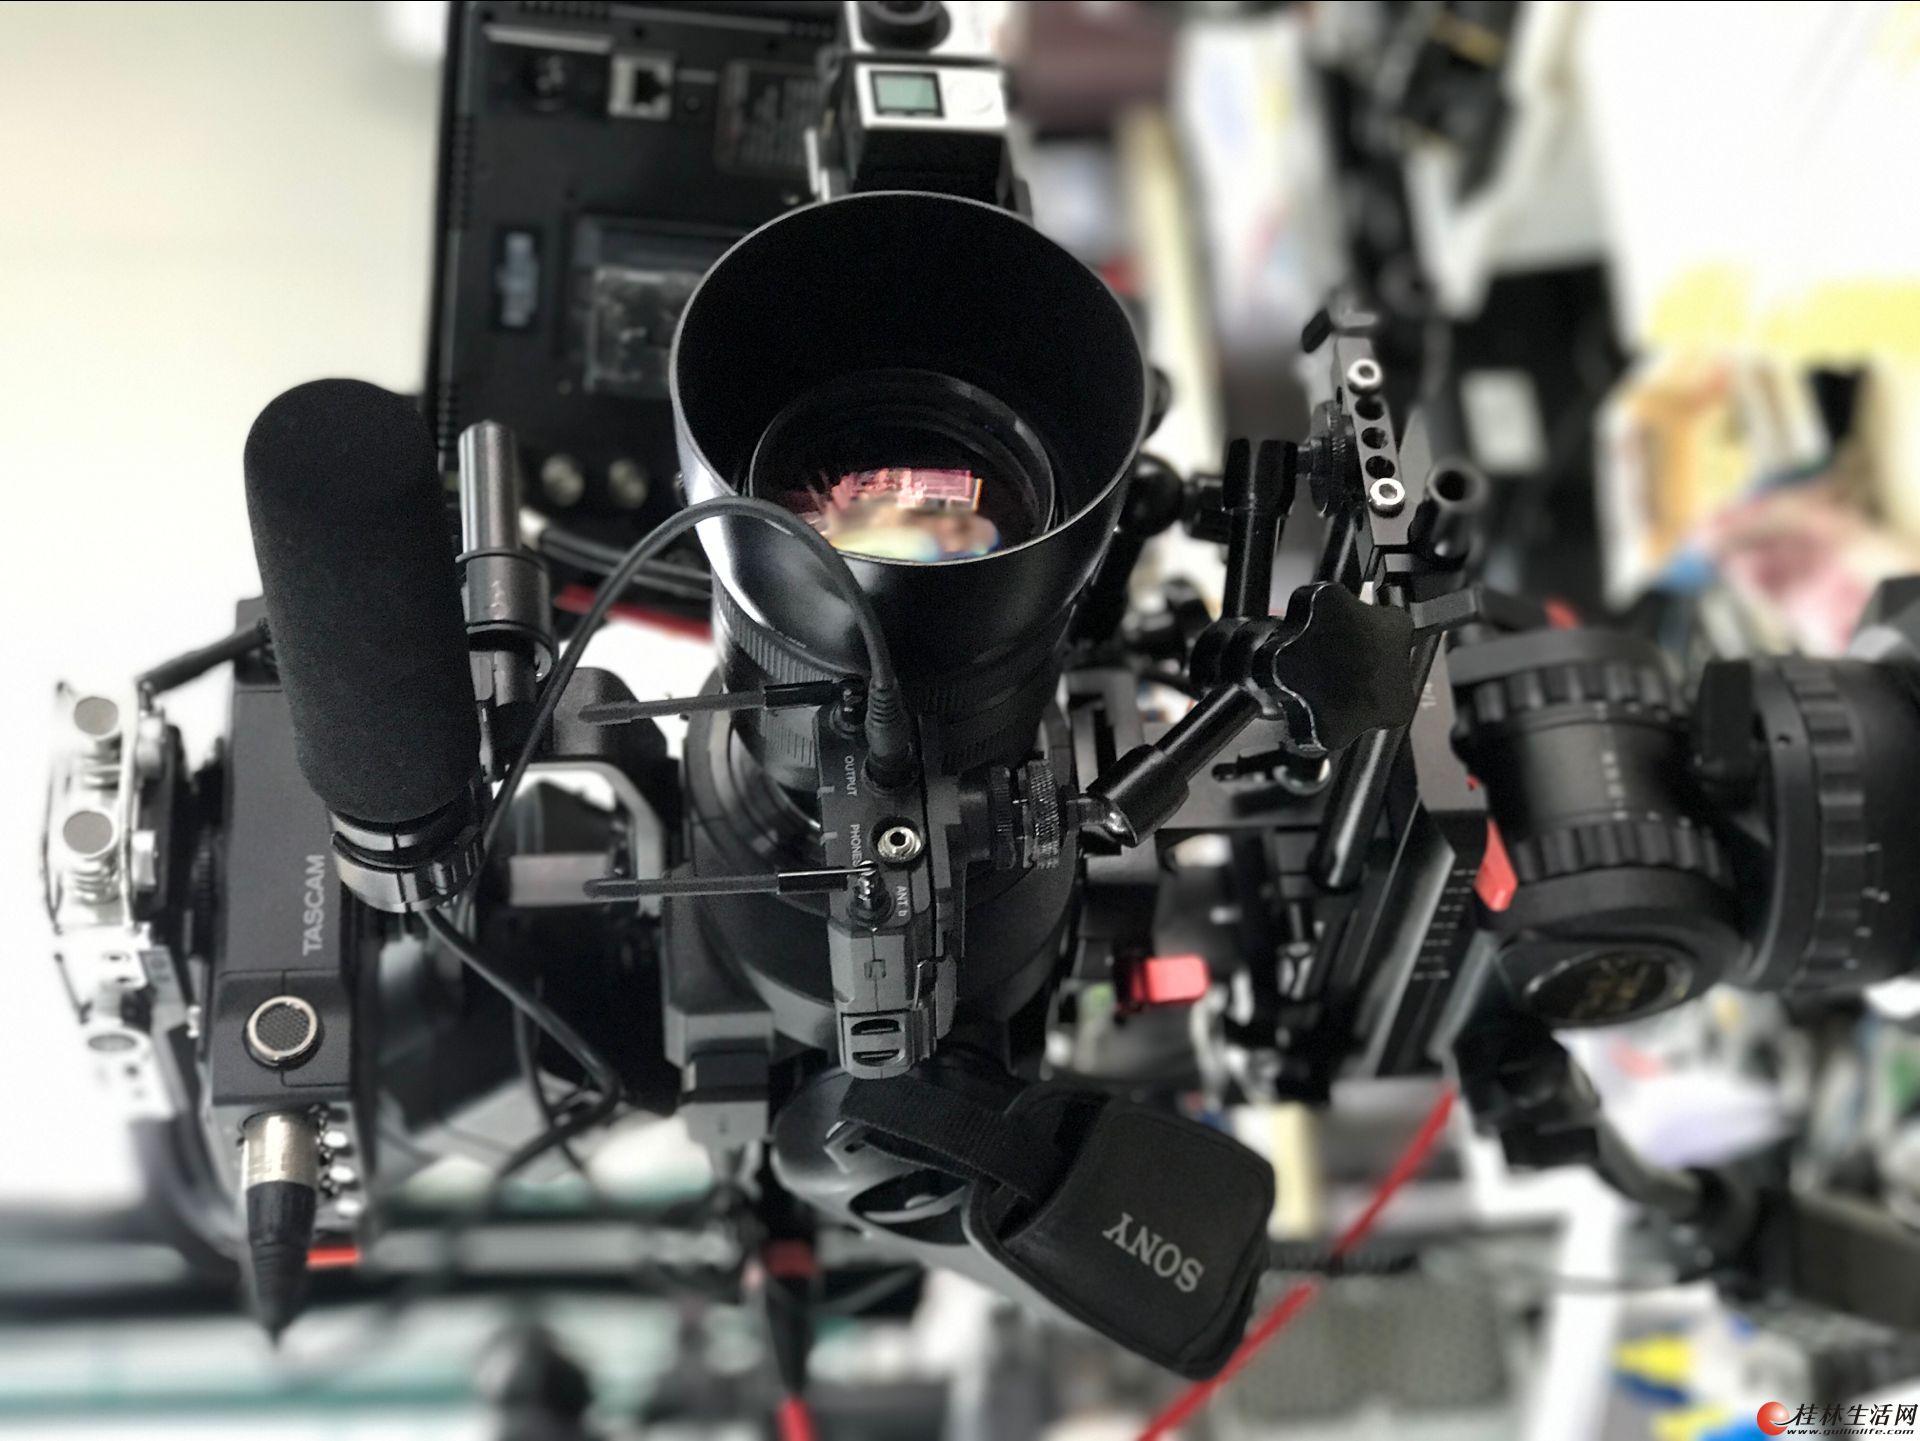 自带设备摄影摄像师找兼职~只给工作室或公司打工,个人客户勿扰